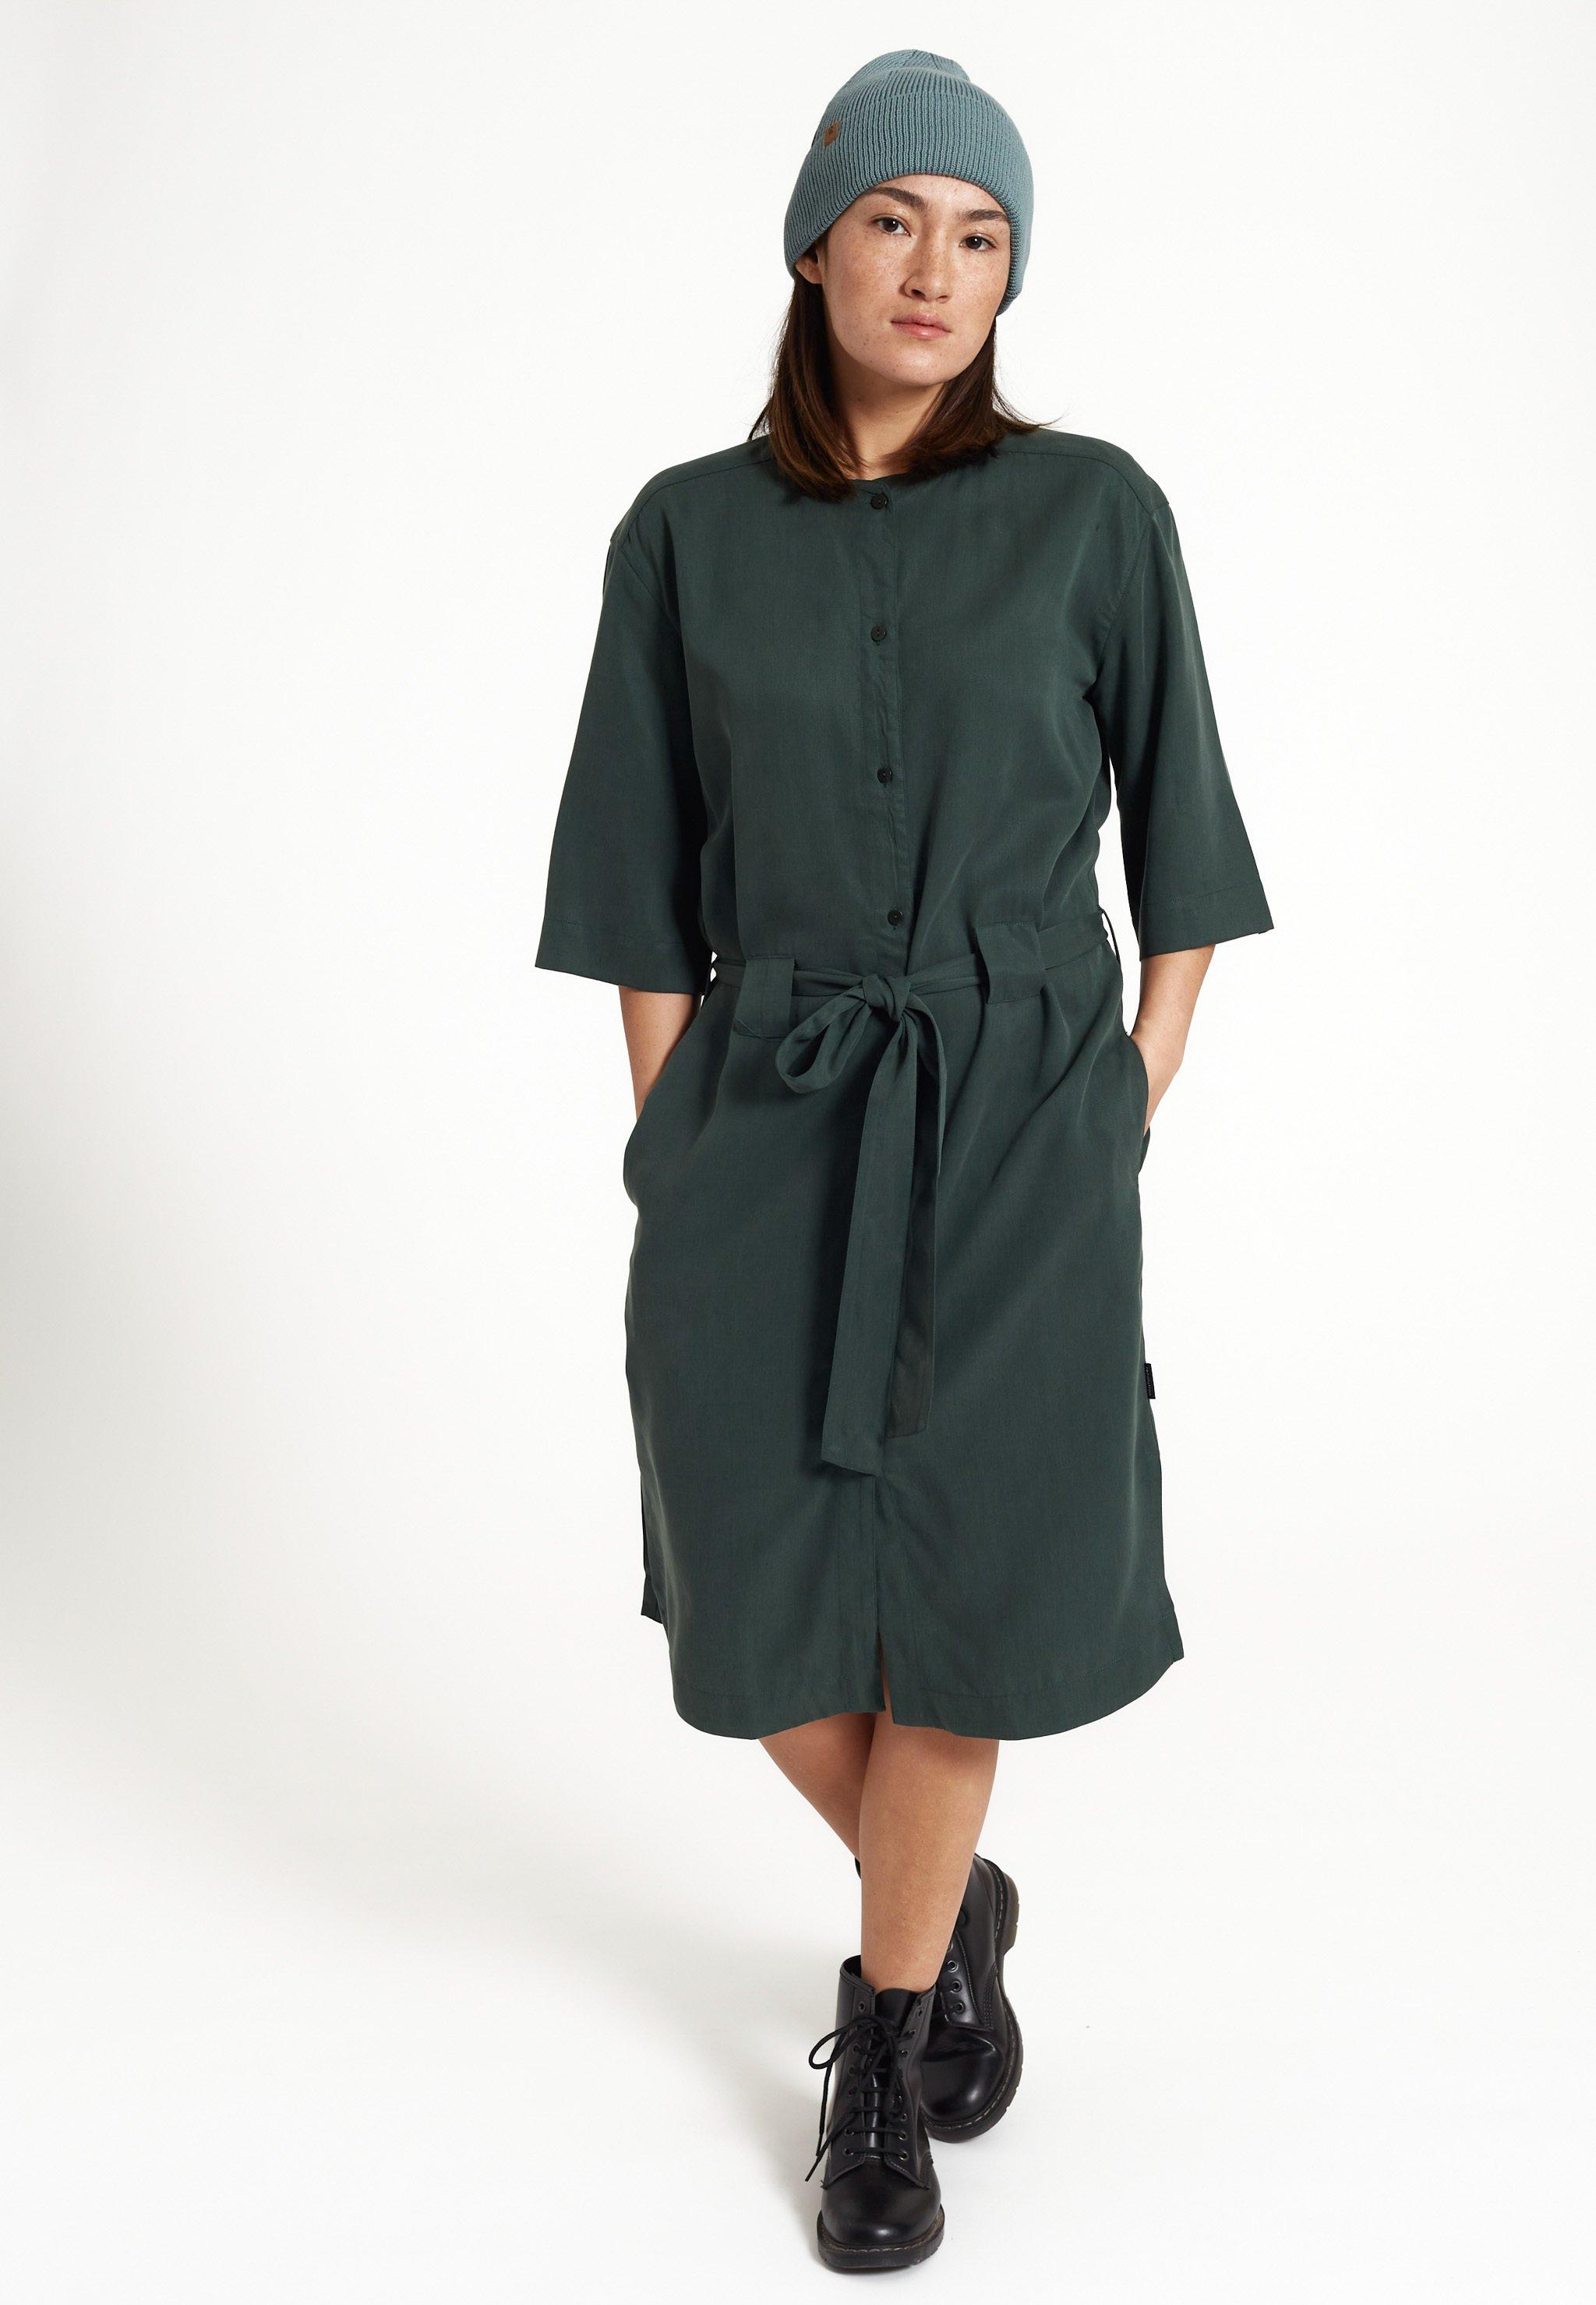 RECOLUTION-HAZEL-DRESS-Kleid-forest-green